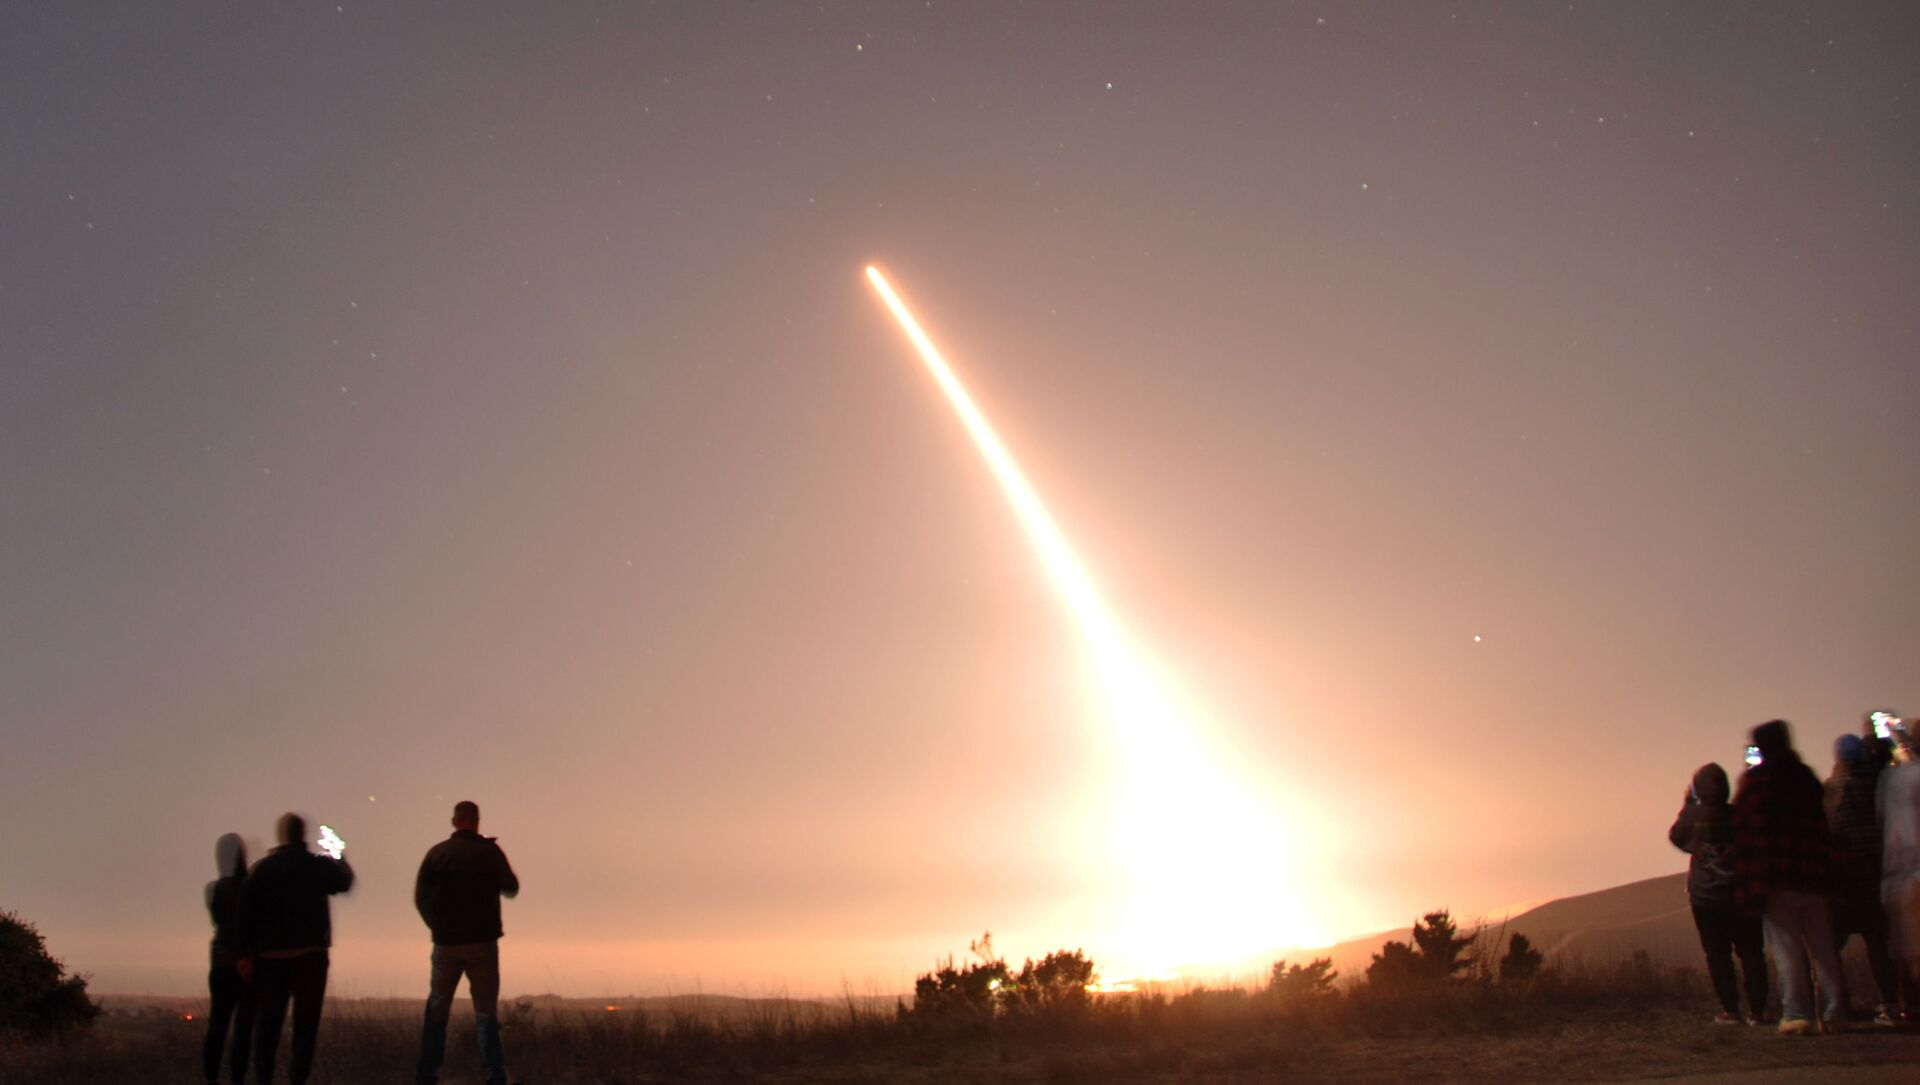 Лансирање интерконтиненталне балистичке ракете Минутмен 3 са америчке војне базе у Калифорнији - Sputnik Србија, 1920, 01.03.2021